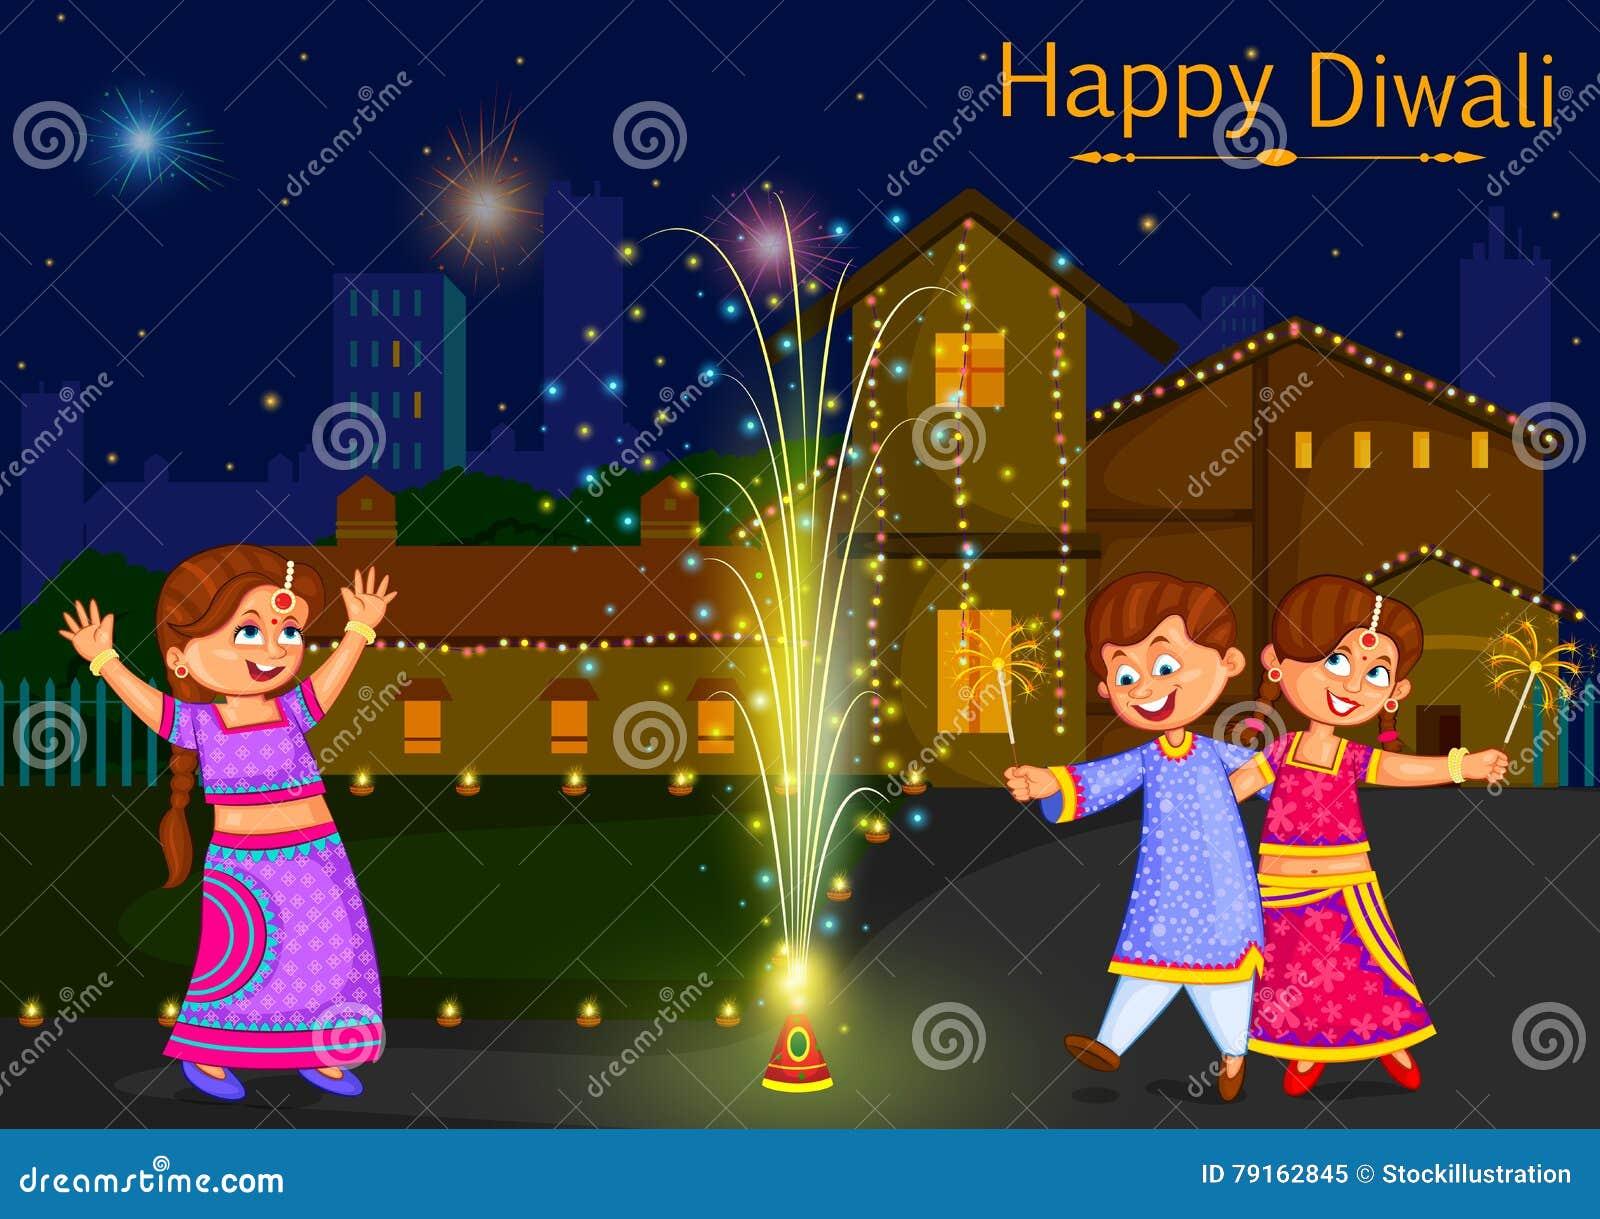 Kinder, die den Kracher feiert Diwali-Festival von Indien genießen